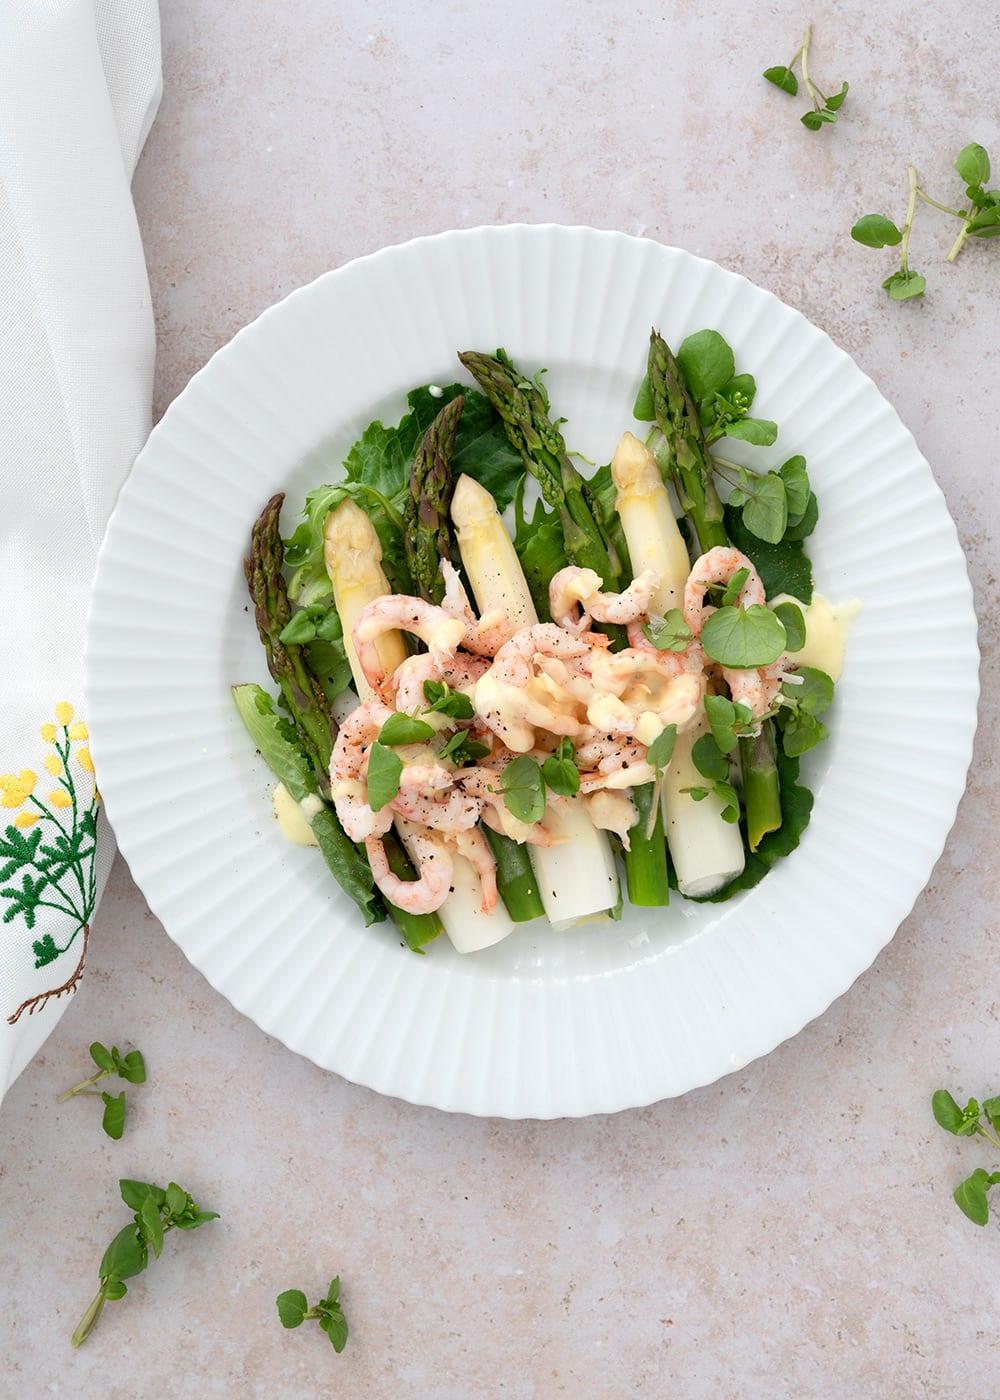 asparges sauce mousseline